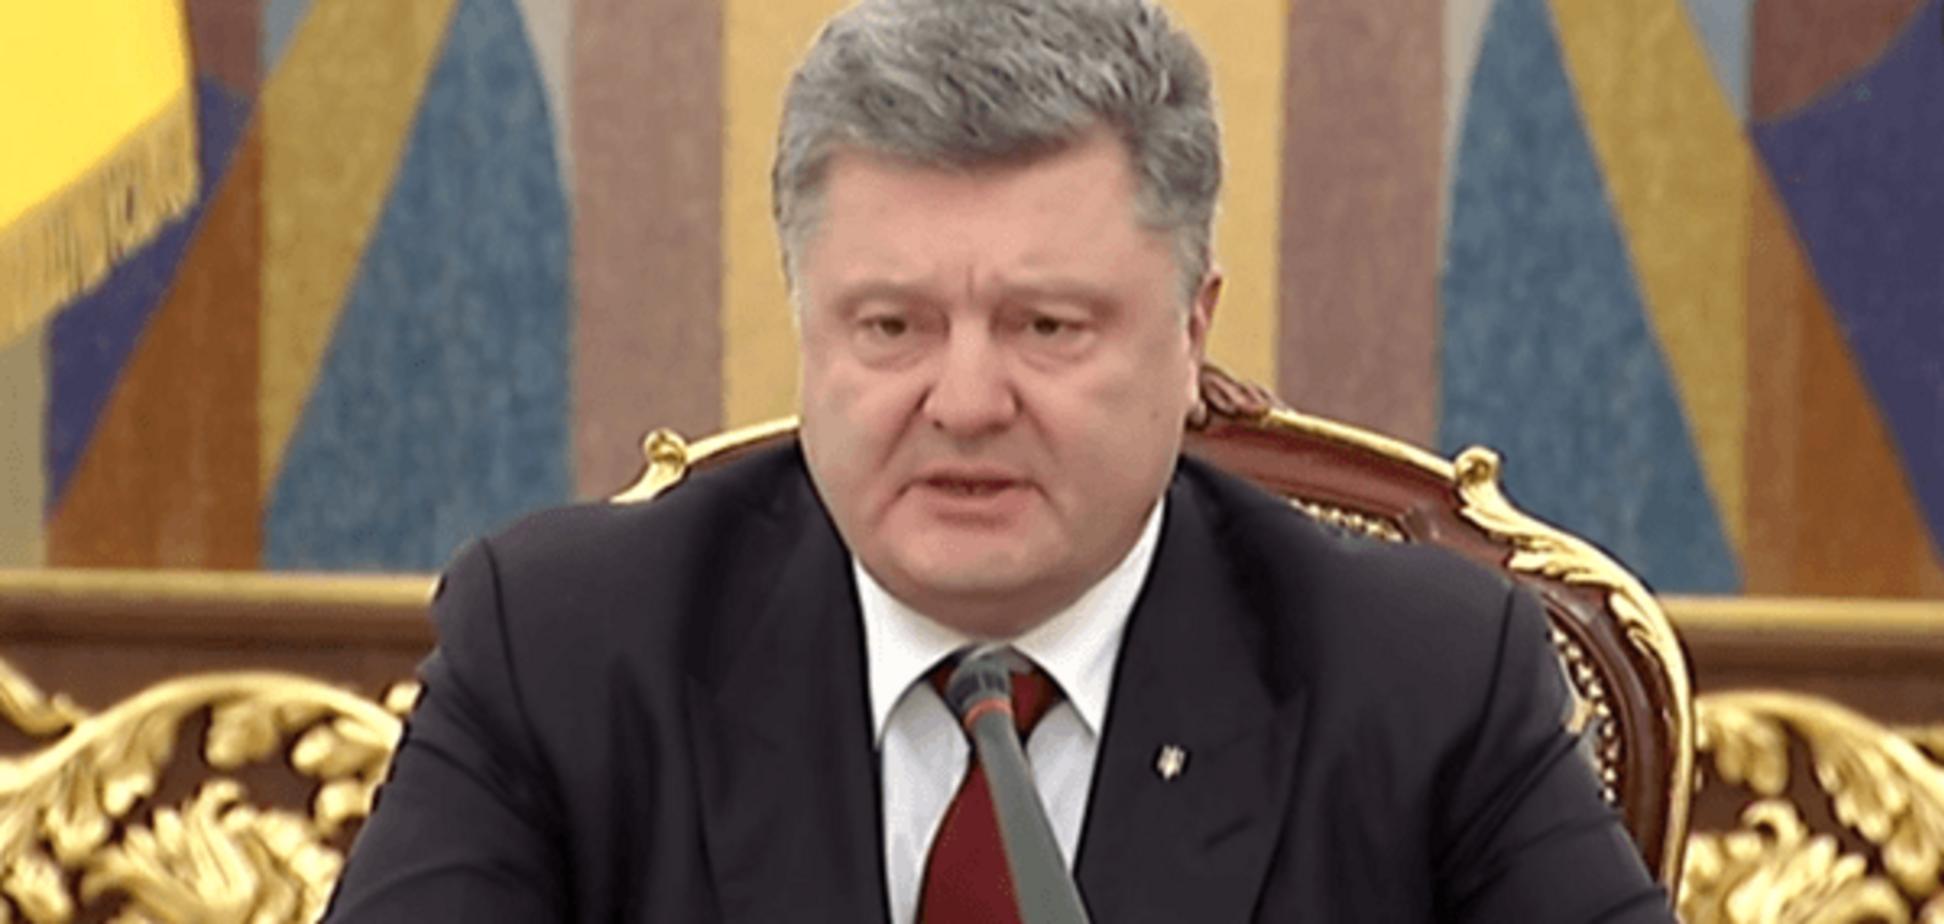 'Есть позиция': Порошенко отреагировал на скандал вокруг Барны и Яценюка